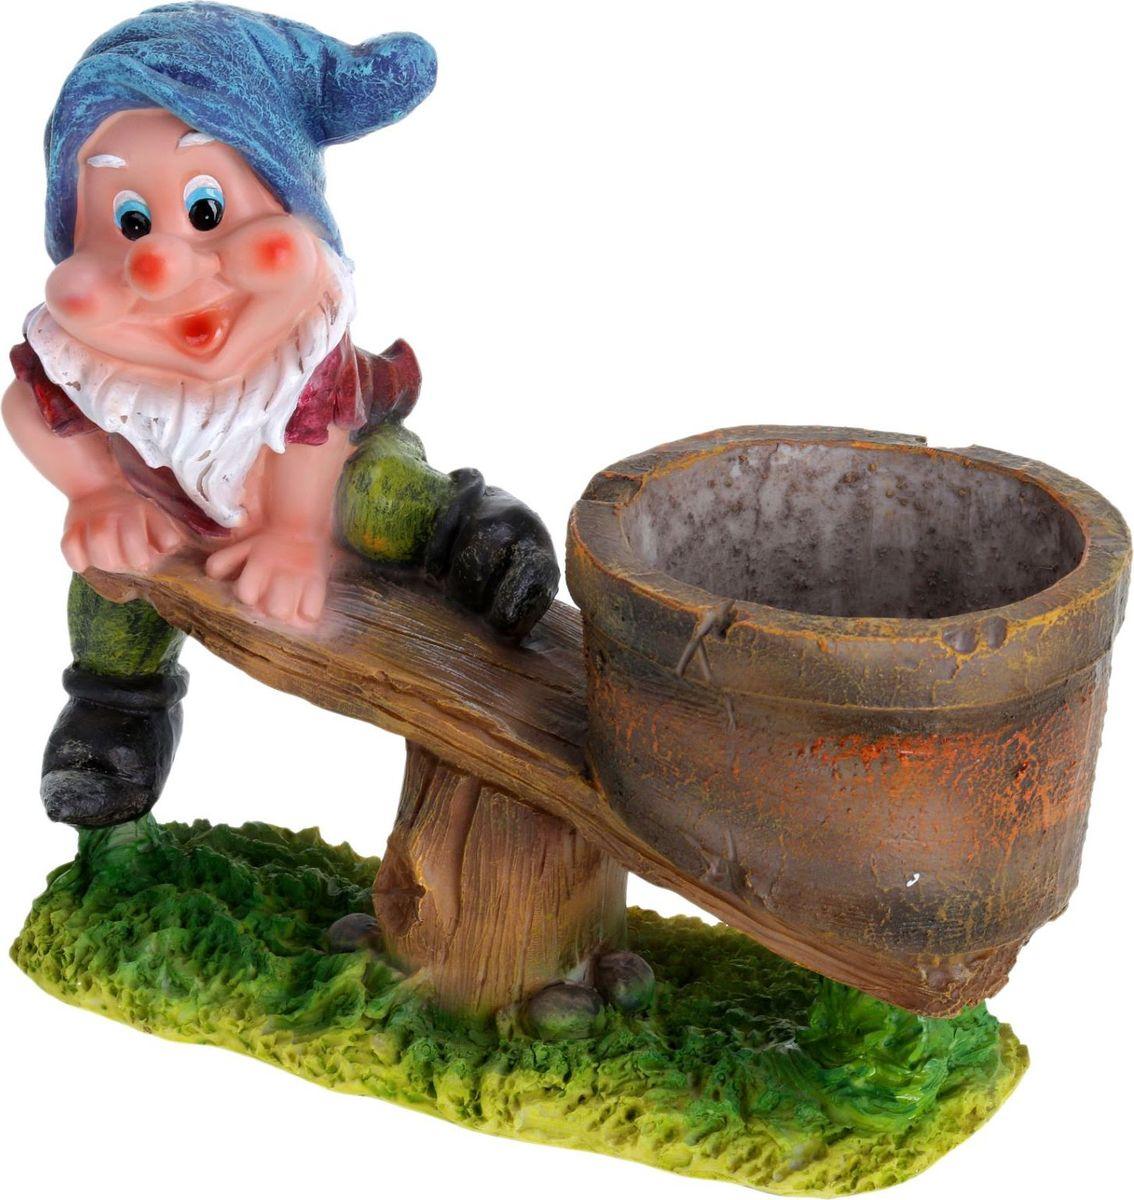 Фигура садовая Гном на качелях, с подставкой для кашпо, 31 х 13 х 26 см466331Забавная фигура оживит сад или огород. Яркий декор придаст окружающему пространству задорности. #name# будет охранять урожай и приносить удачу. Удивите гостей и порадуйте близких — поселите у себя на дачном участке весёлого жильца.